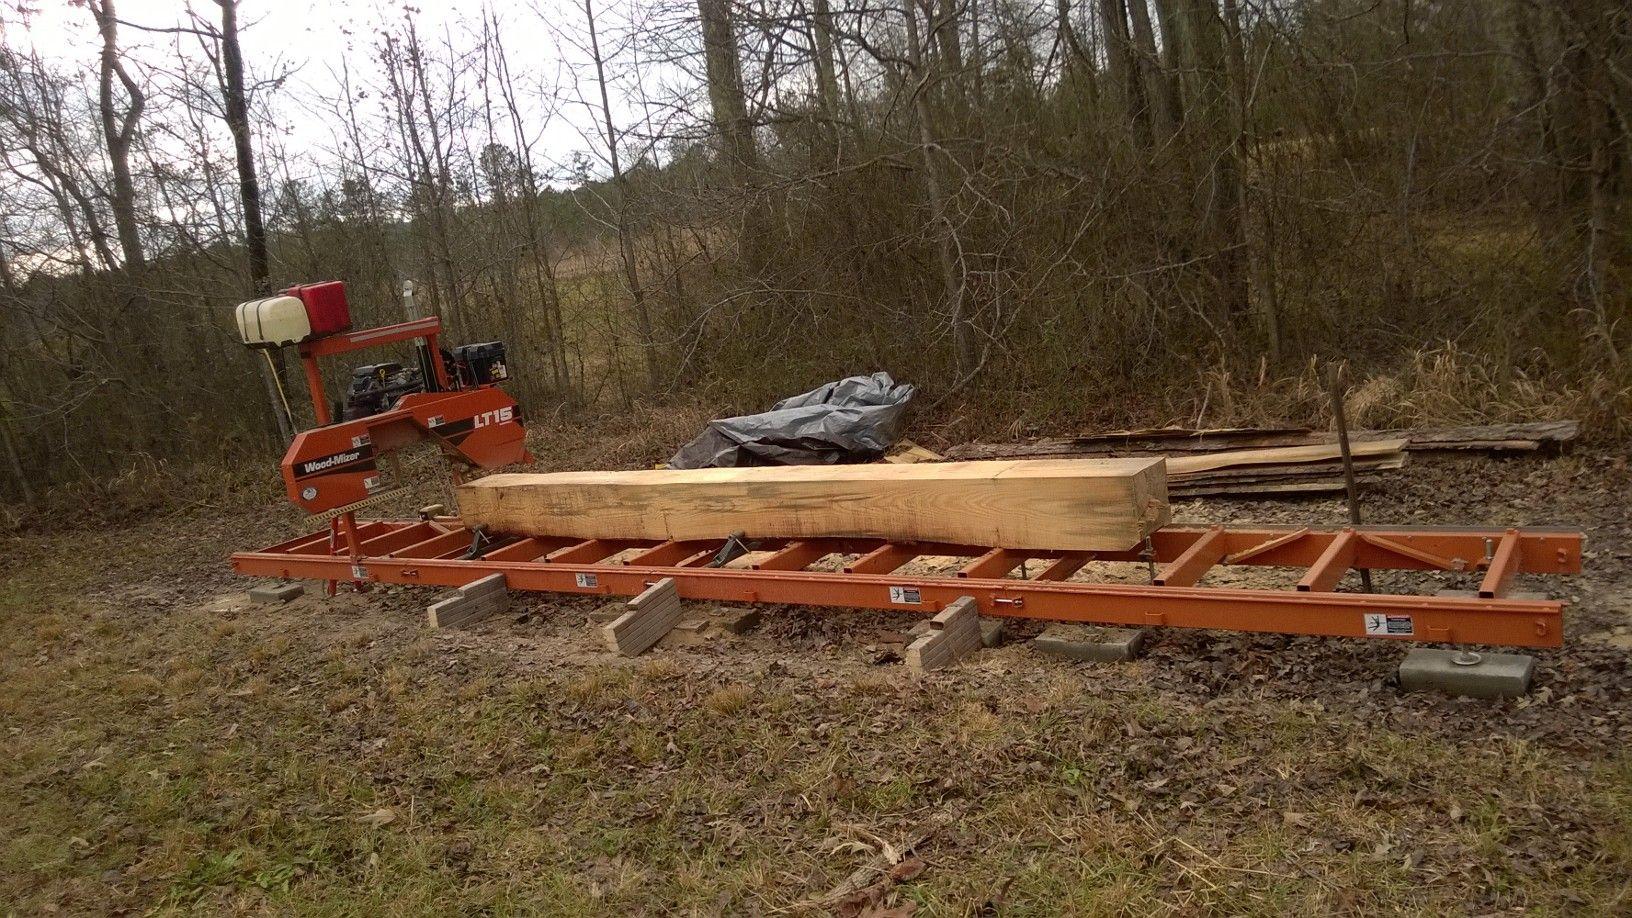 WoodMizer LT15 sawmill at our farm    WoodMizer LT15 Sawmill